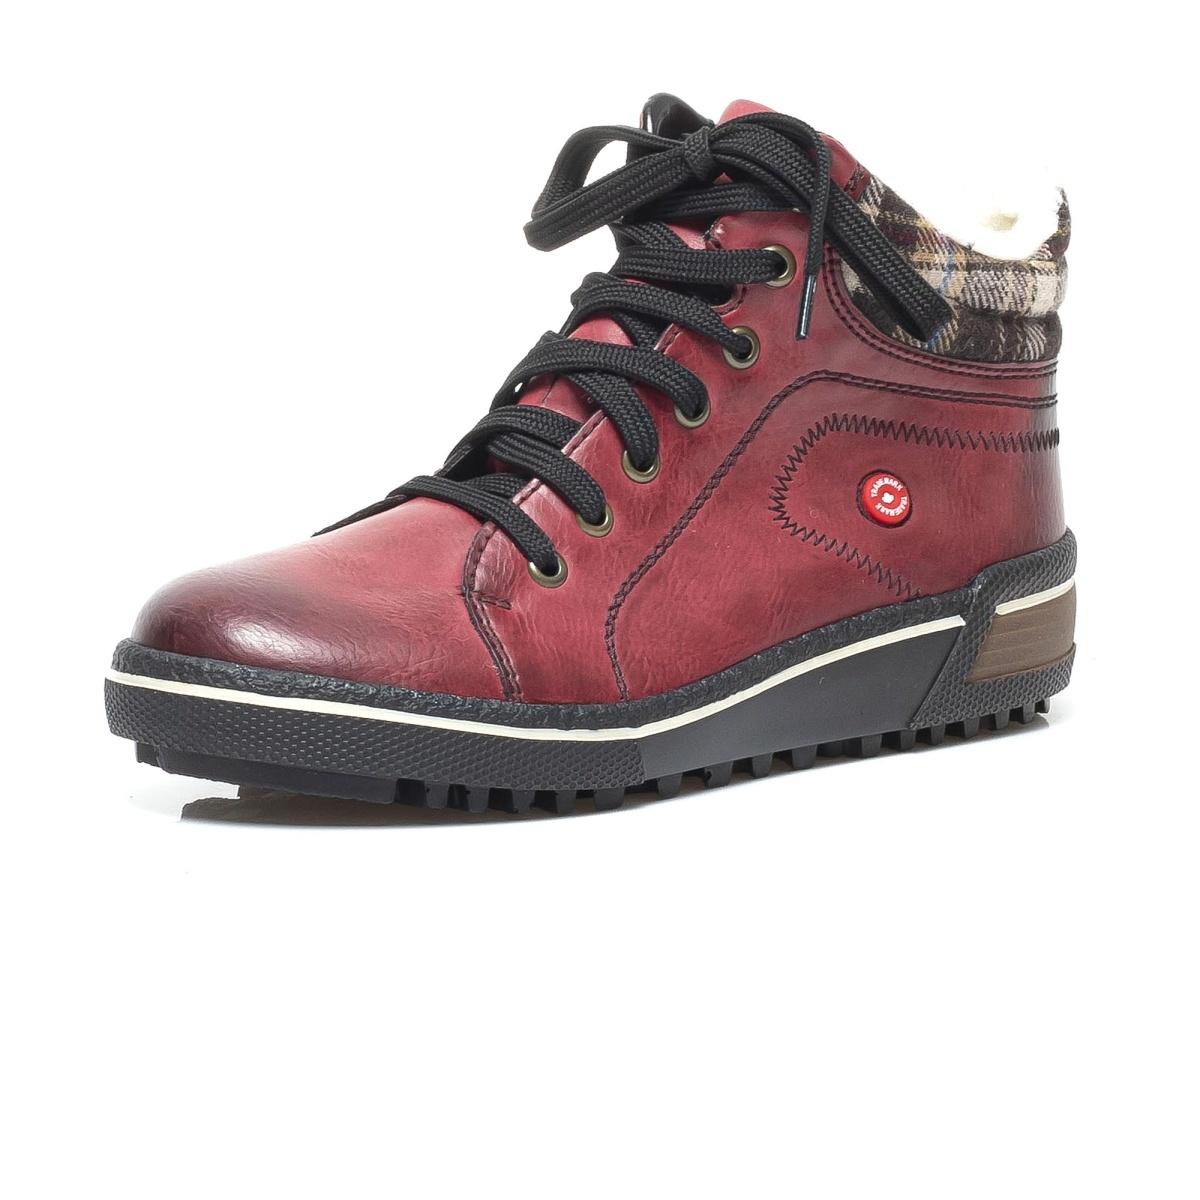 55b68d9d04 detail Dámska obuv RIEKER Z6423 35 ROT KOMBI H W 8